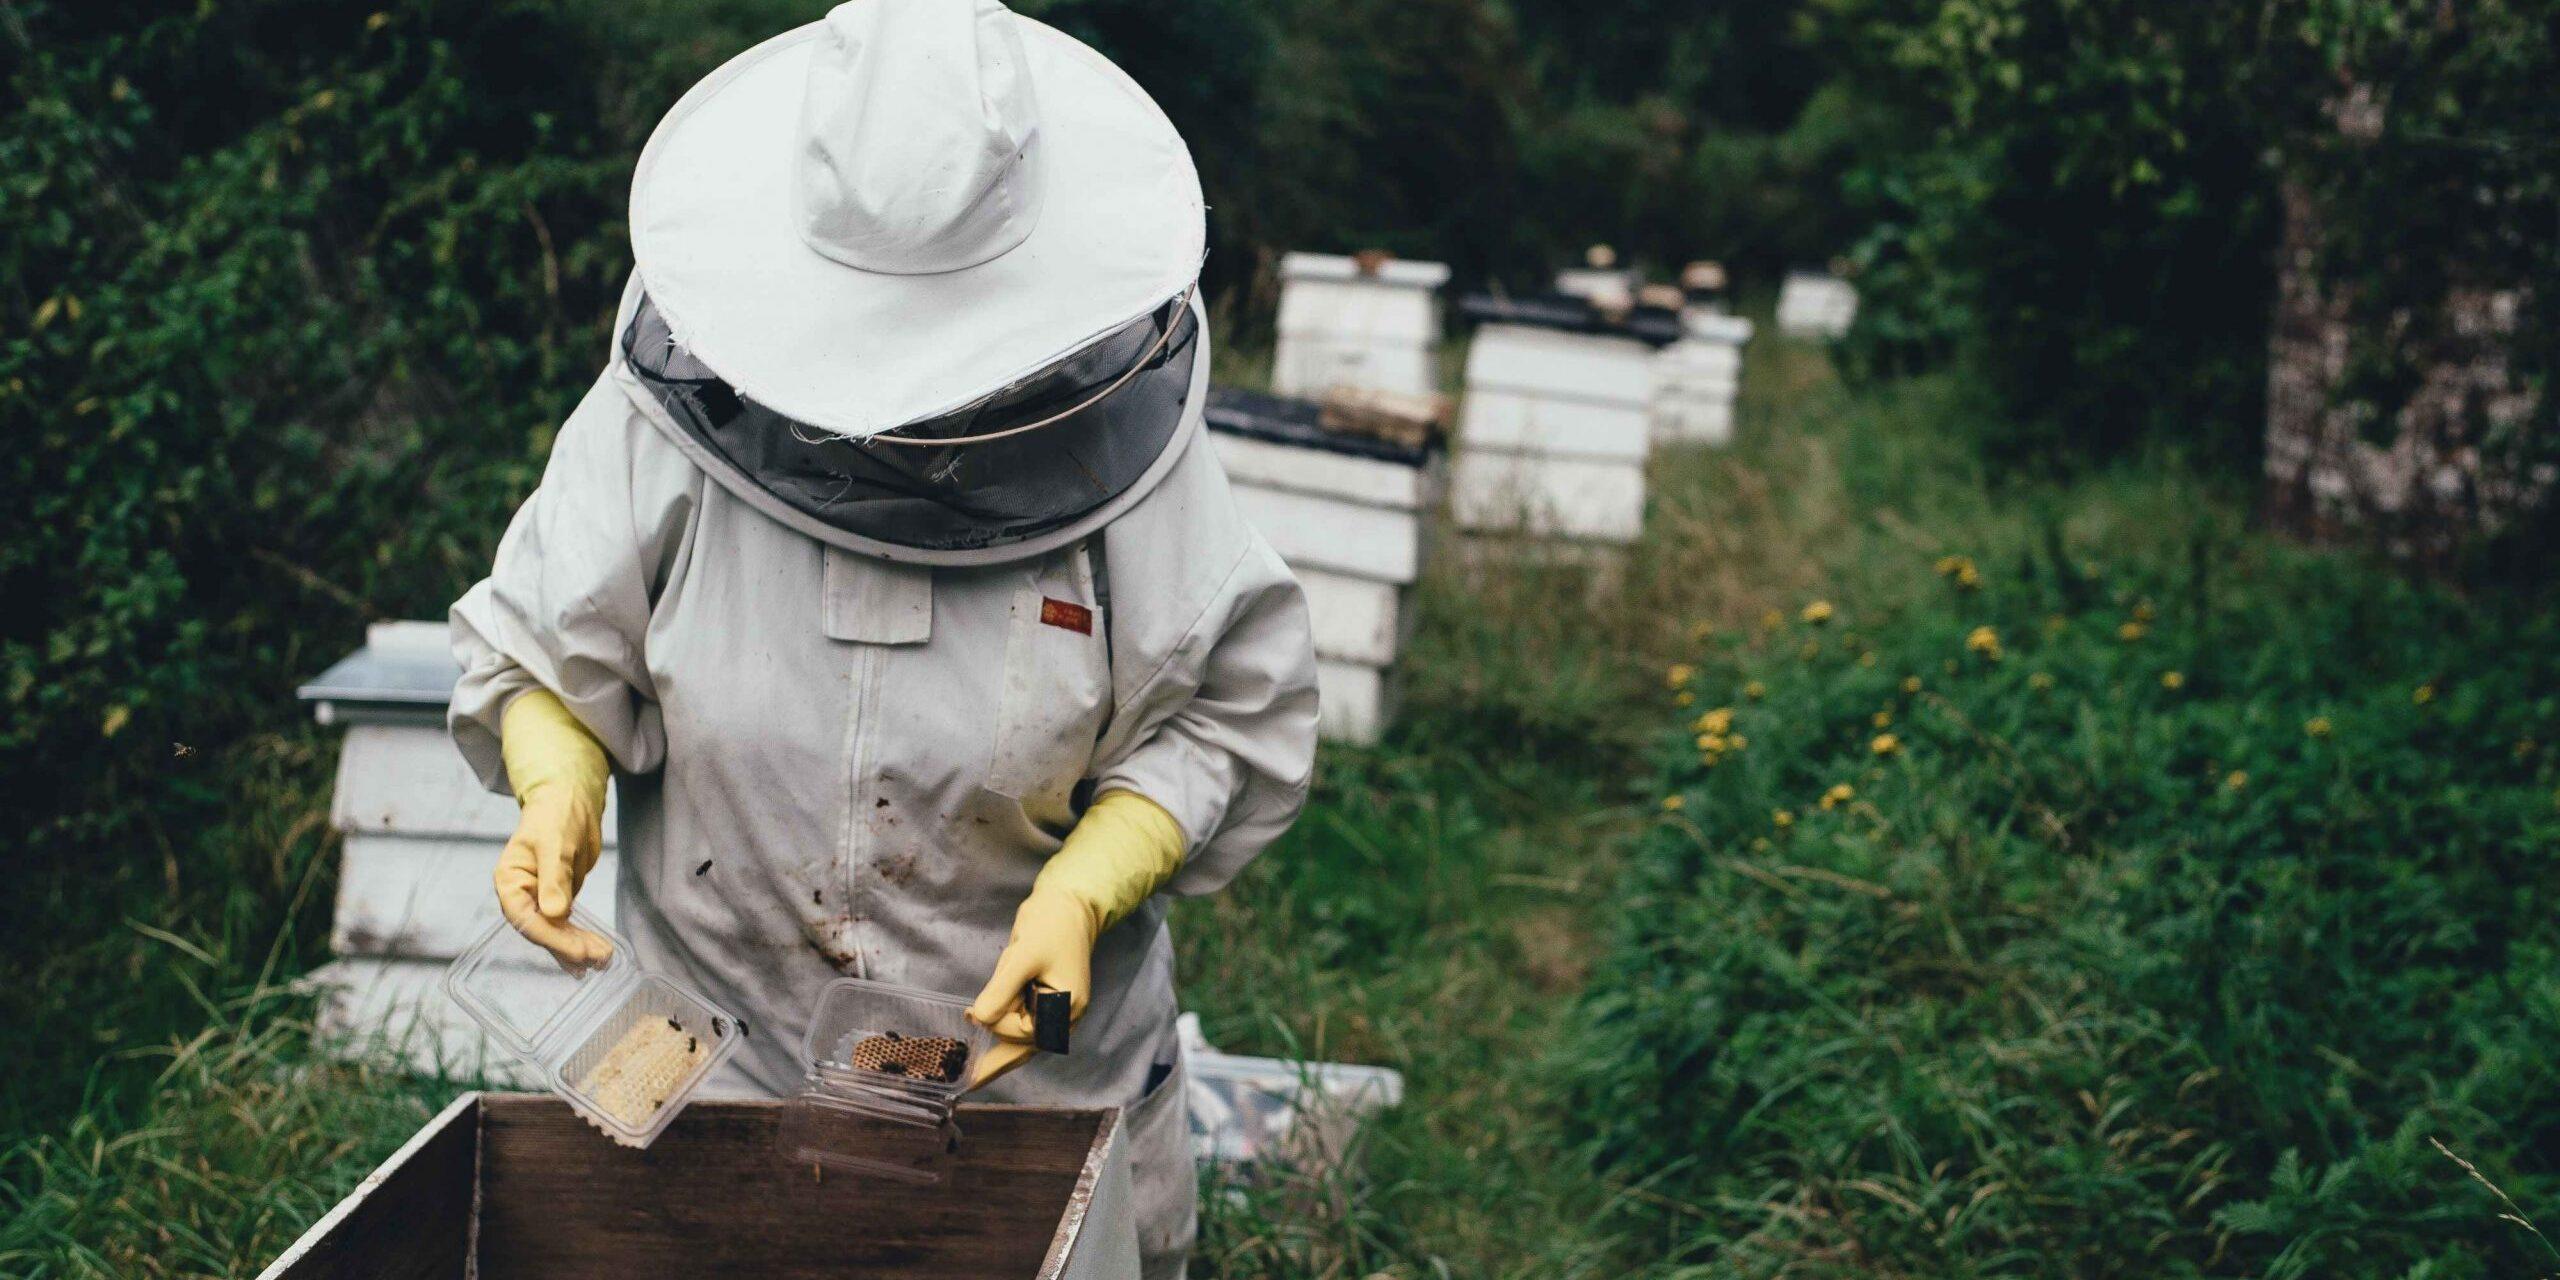 Mehiläishoitaja suoja-asussa mehiläisten pesälaatikon äärellä